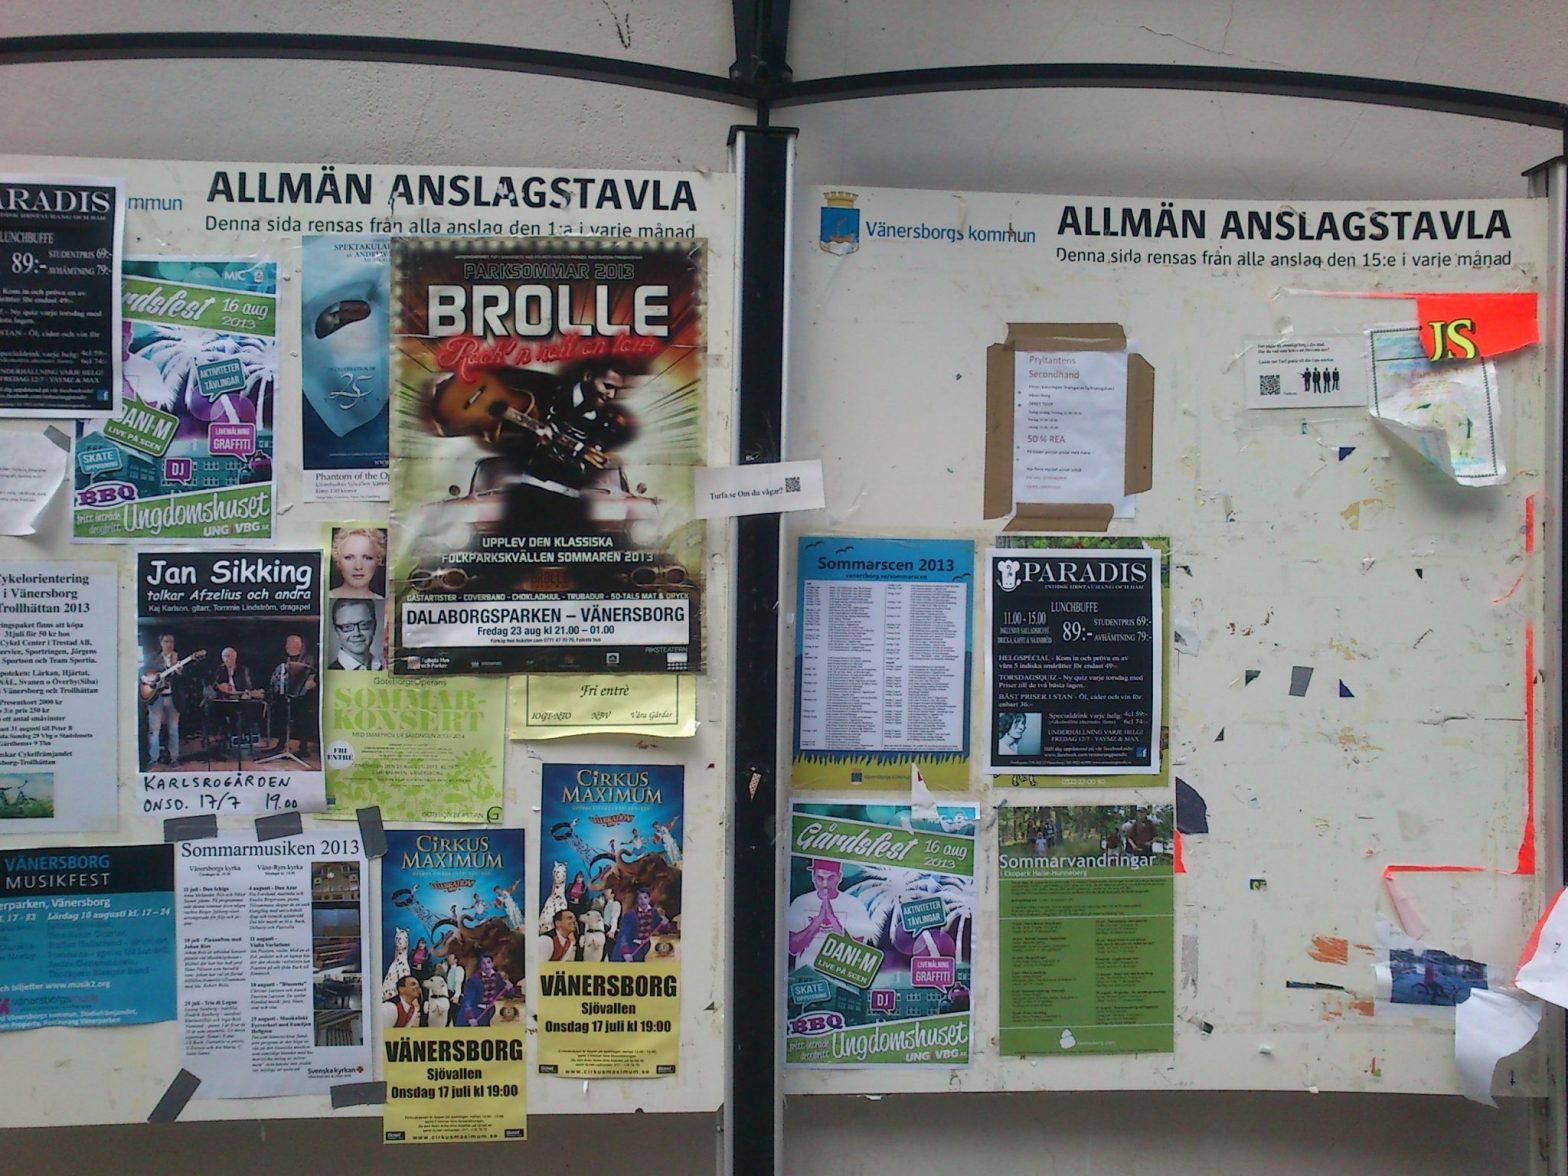 Anslagstavla Vänersborg, juli 2013